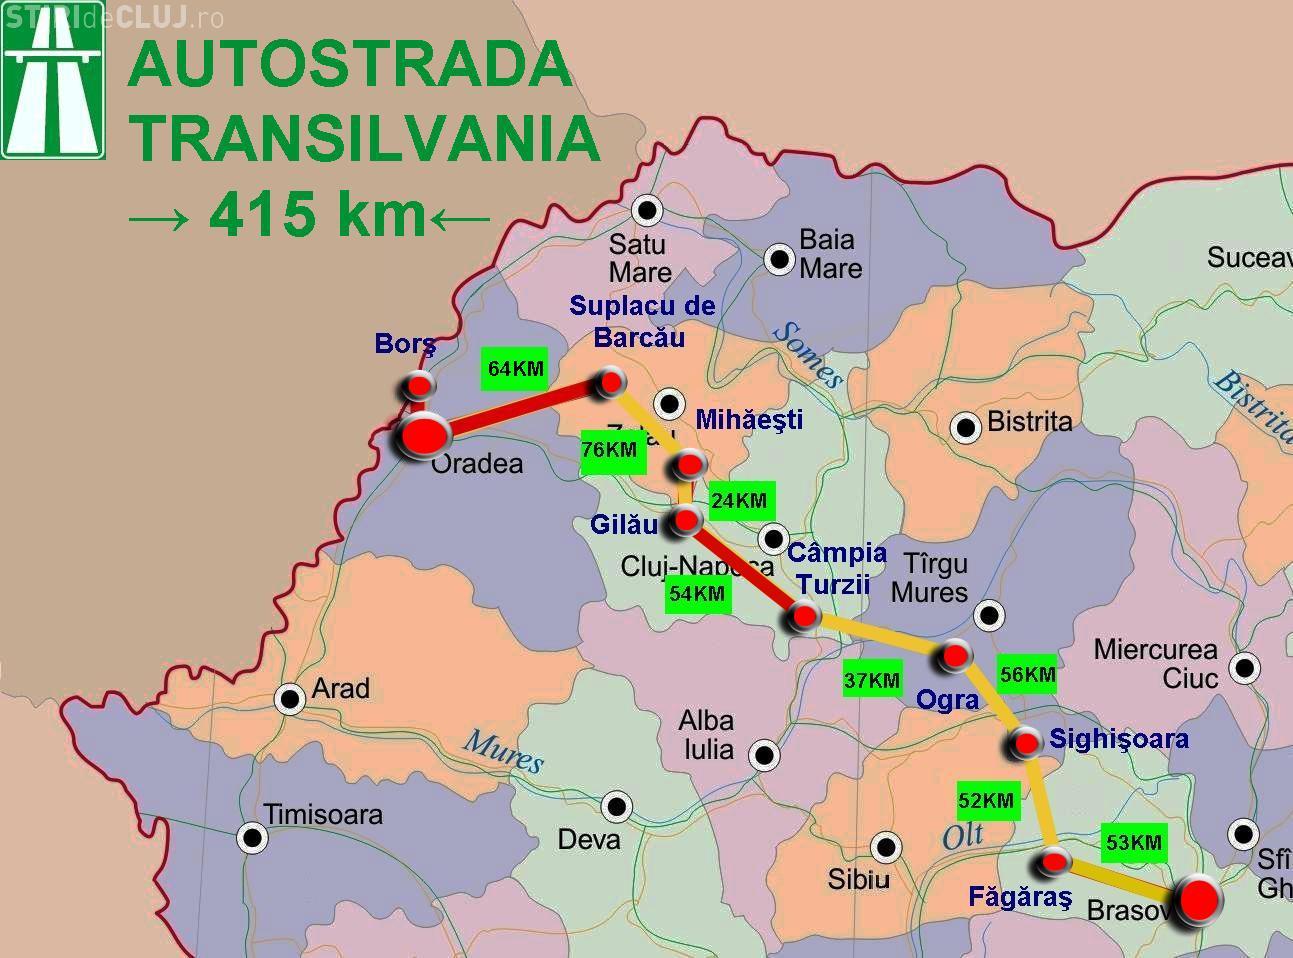 Sectorul de autostradă Gilău -Mihăieşti trebuia să treacă printr-un sat. CJ Cluj a corectat greșeala